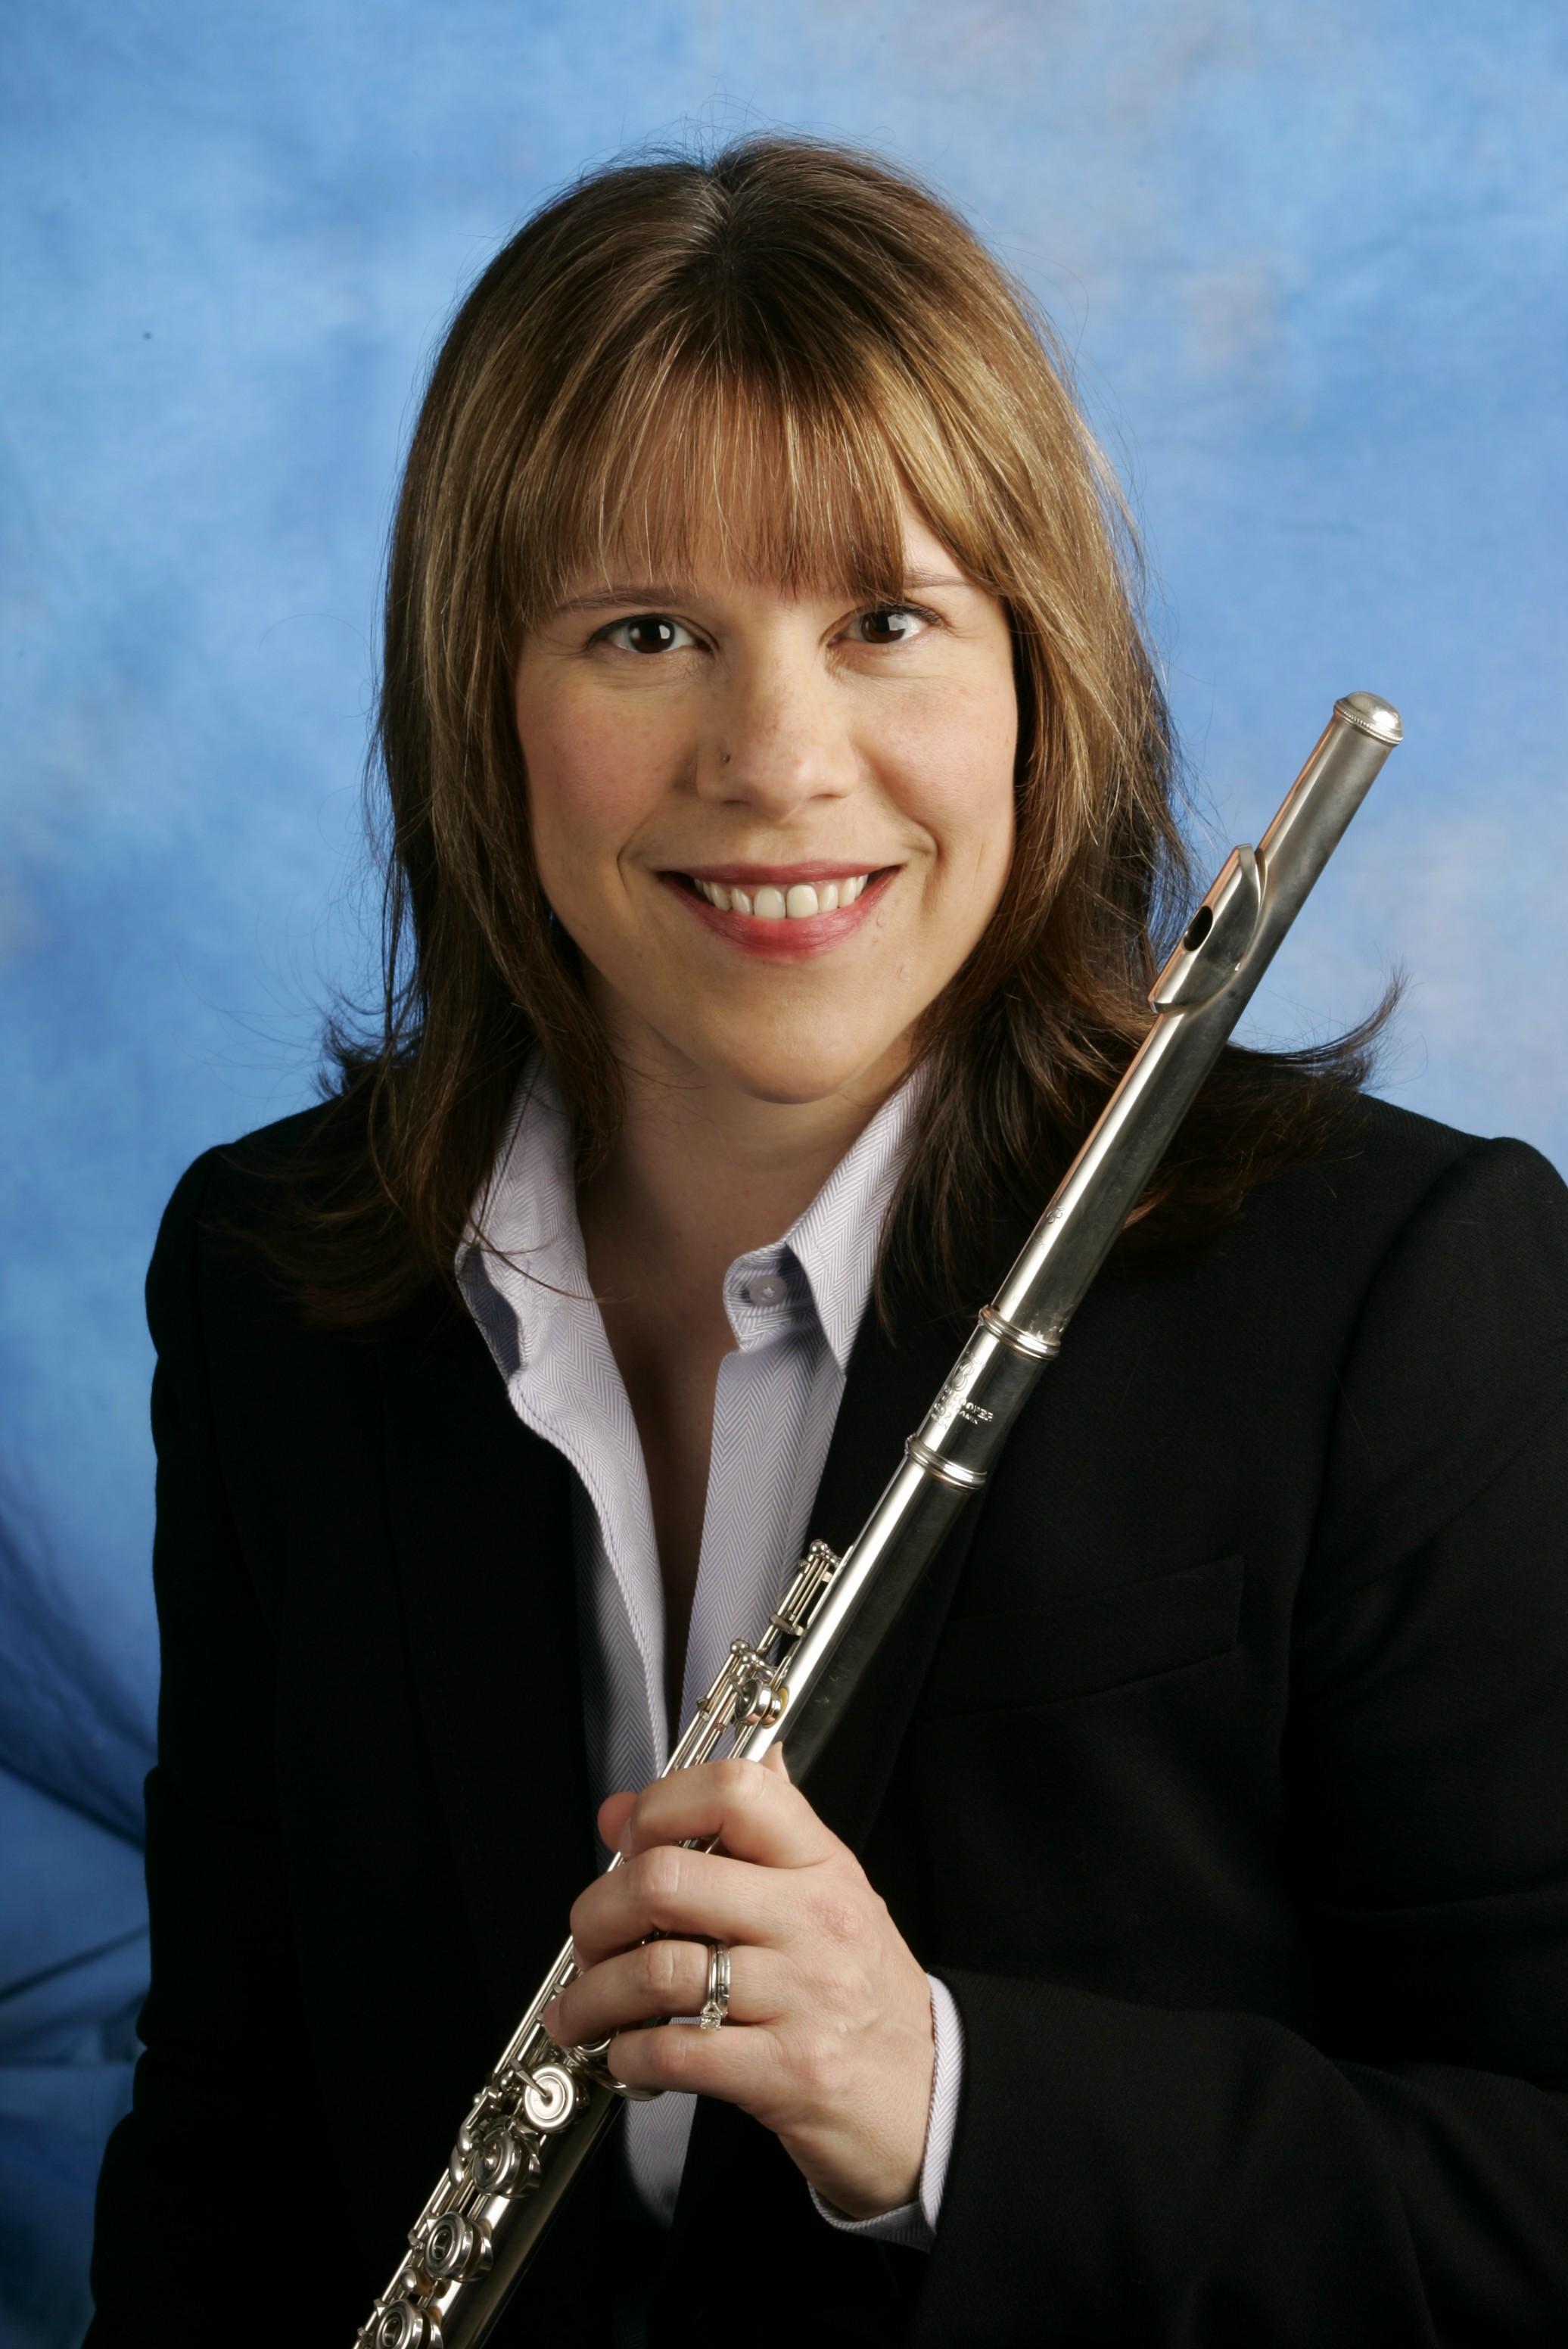 Karen Moratz